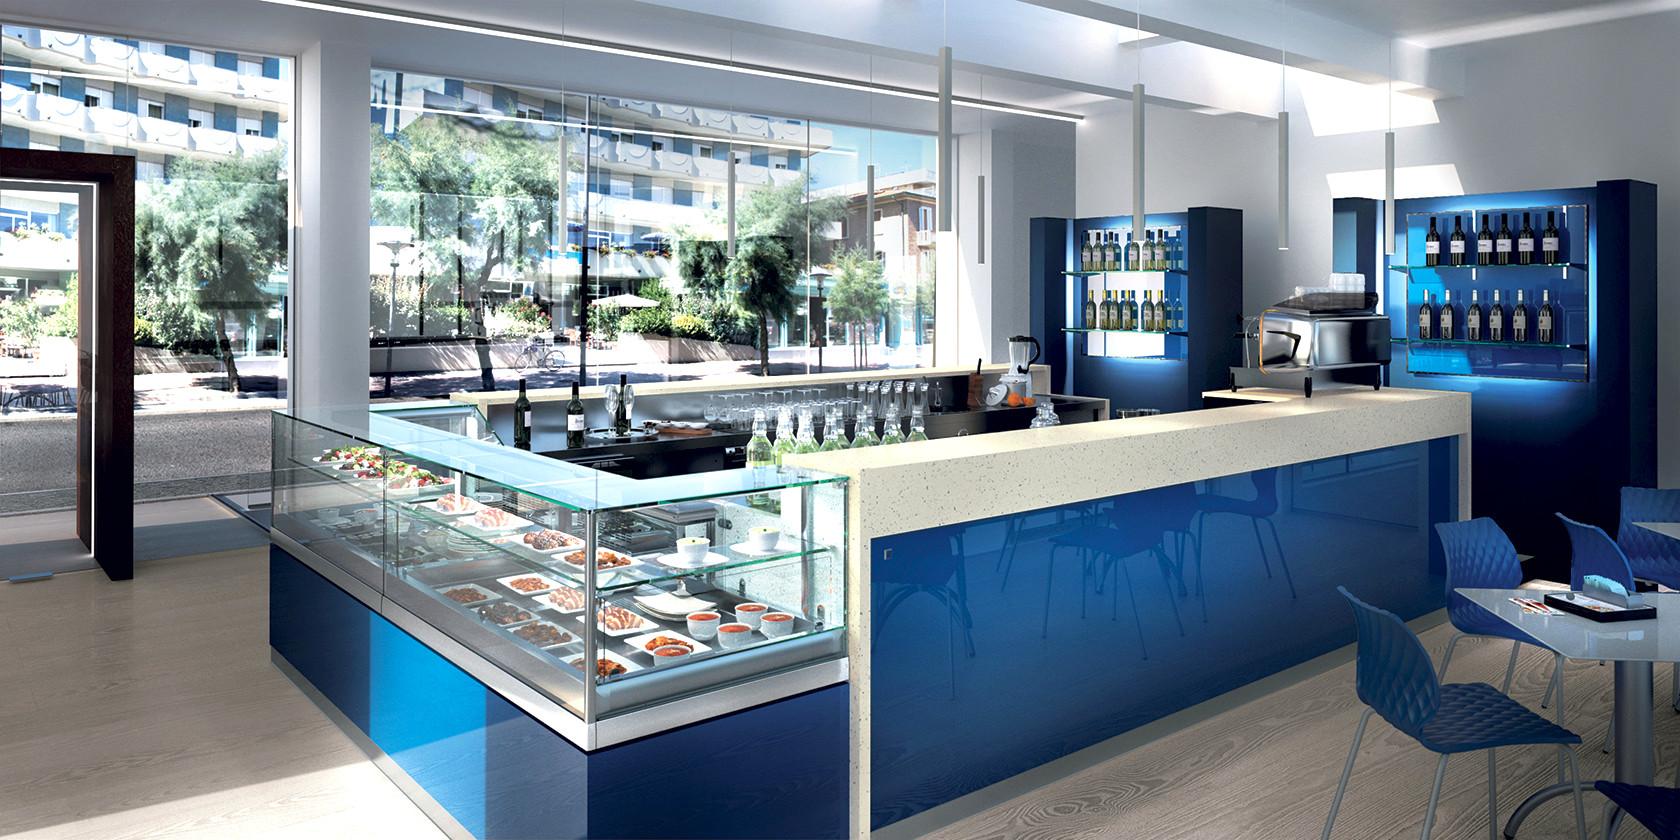 banco-bar-031-arredamento-bar-pasticceria-ifi-con-bancone-bar-completo-prezzi-e-31-arredo-design-gelateria-bar-pasticceria-91-con-bancone-bar-completo-prezzi-e-1680x840px